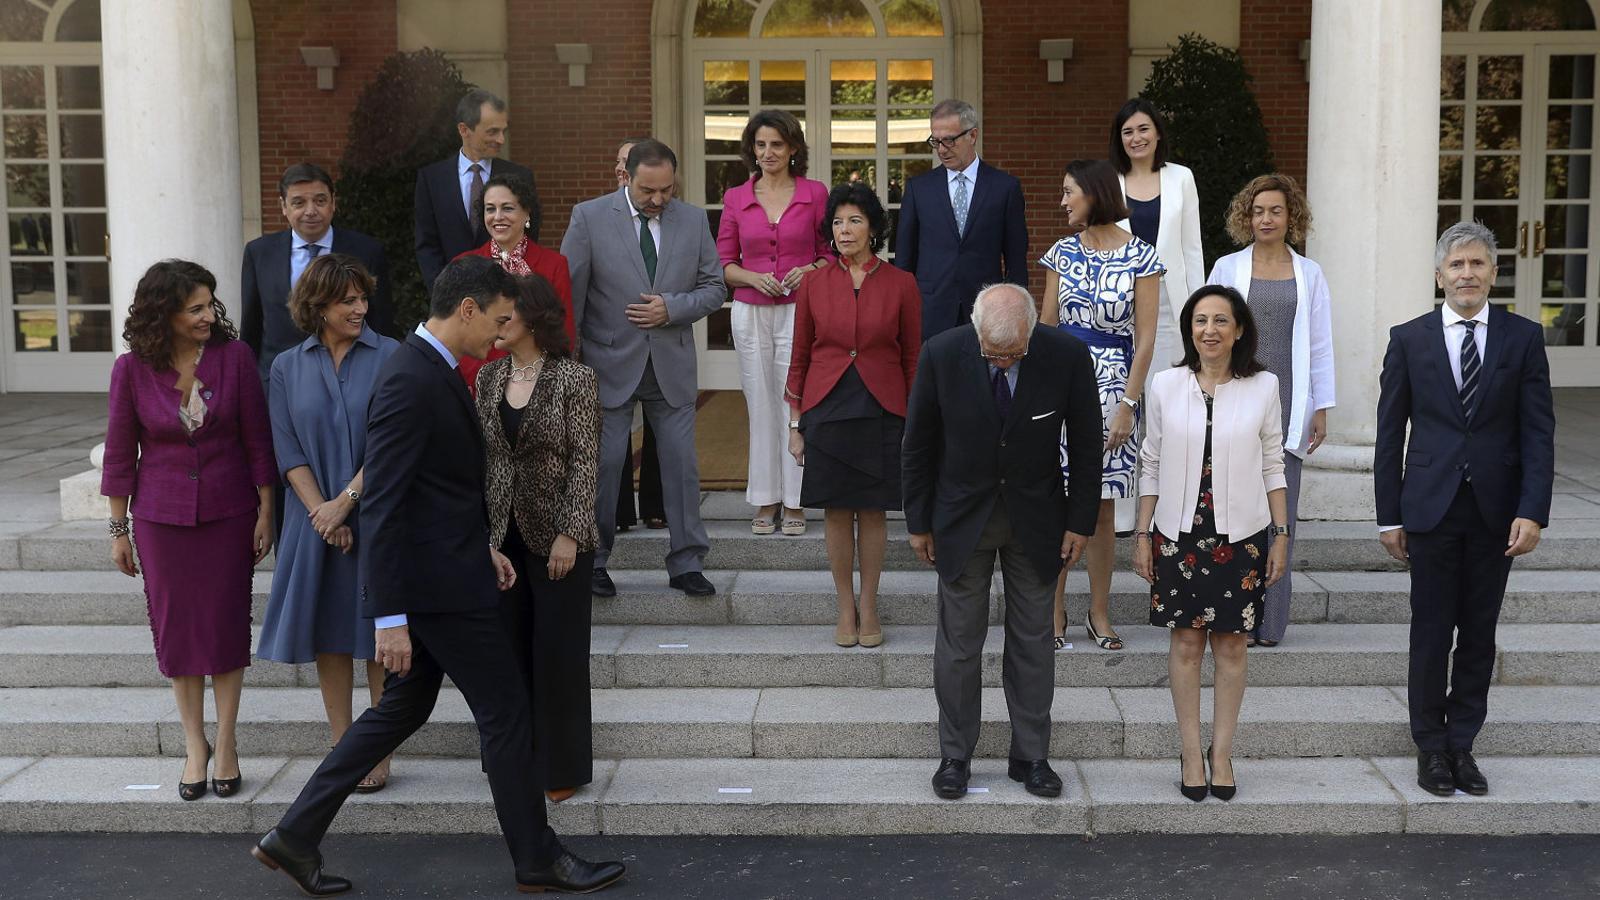 El president del govern espanyol amb tot el seu gabinet a les escales de la Moncloa.